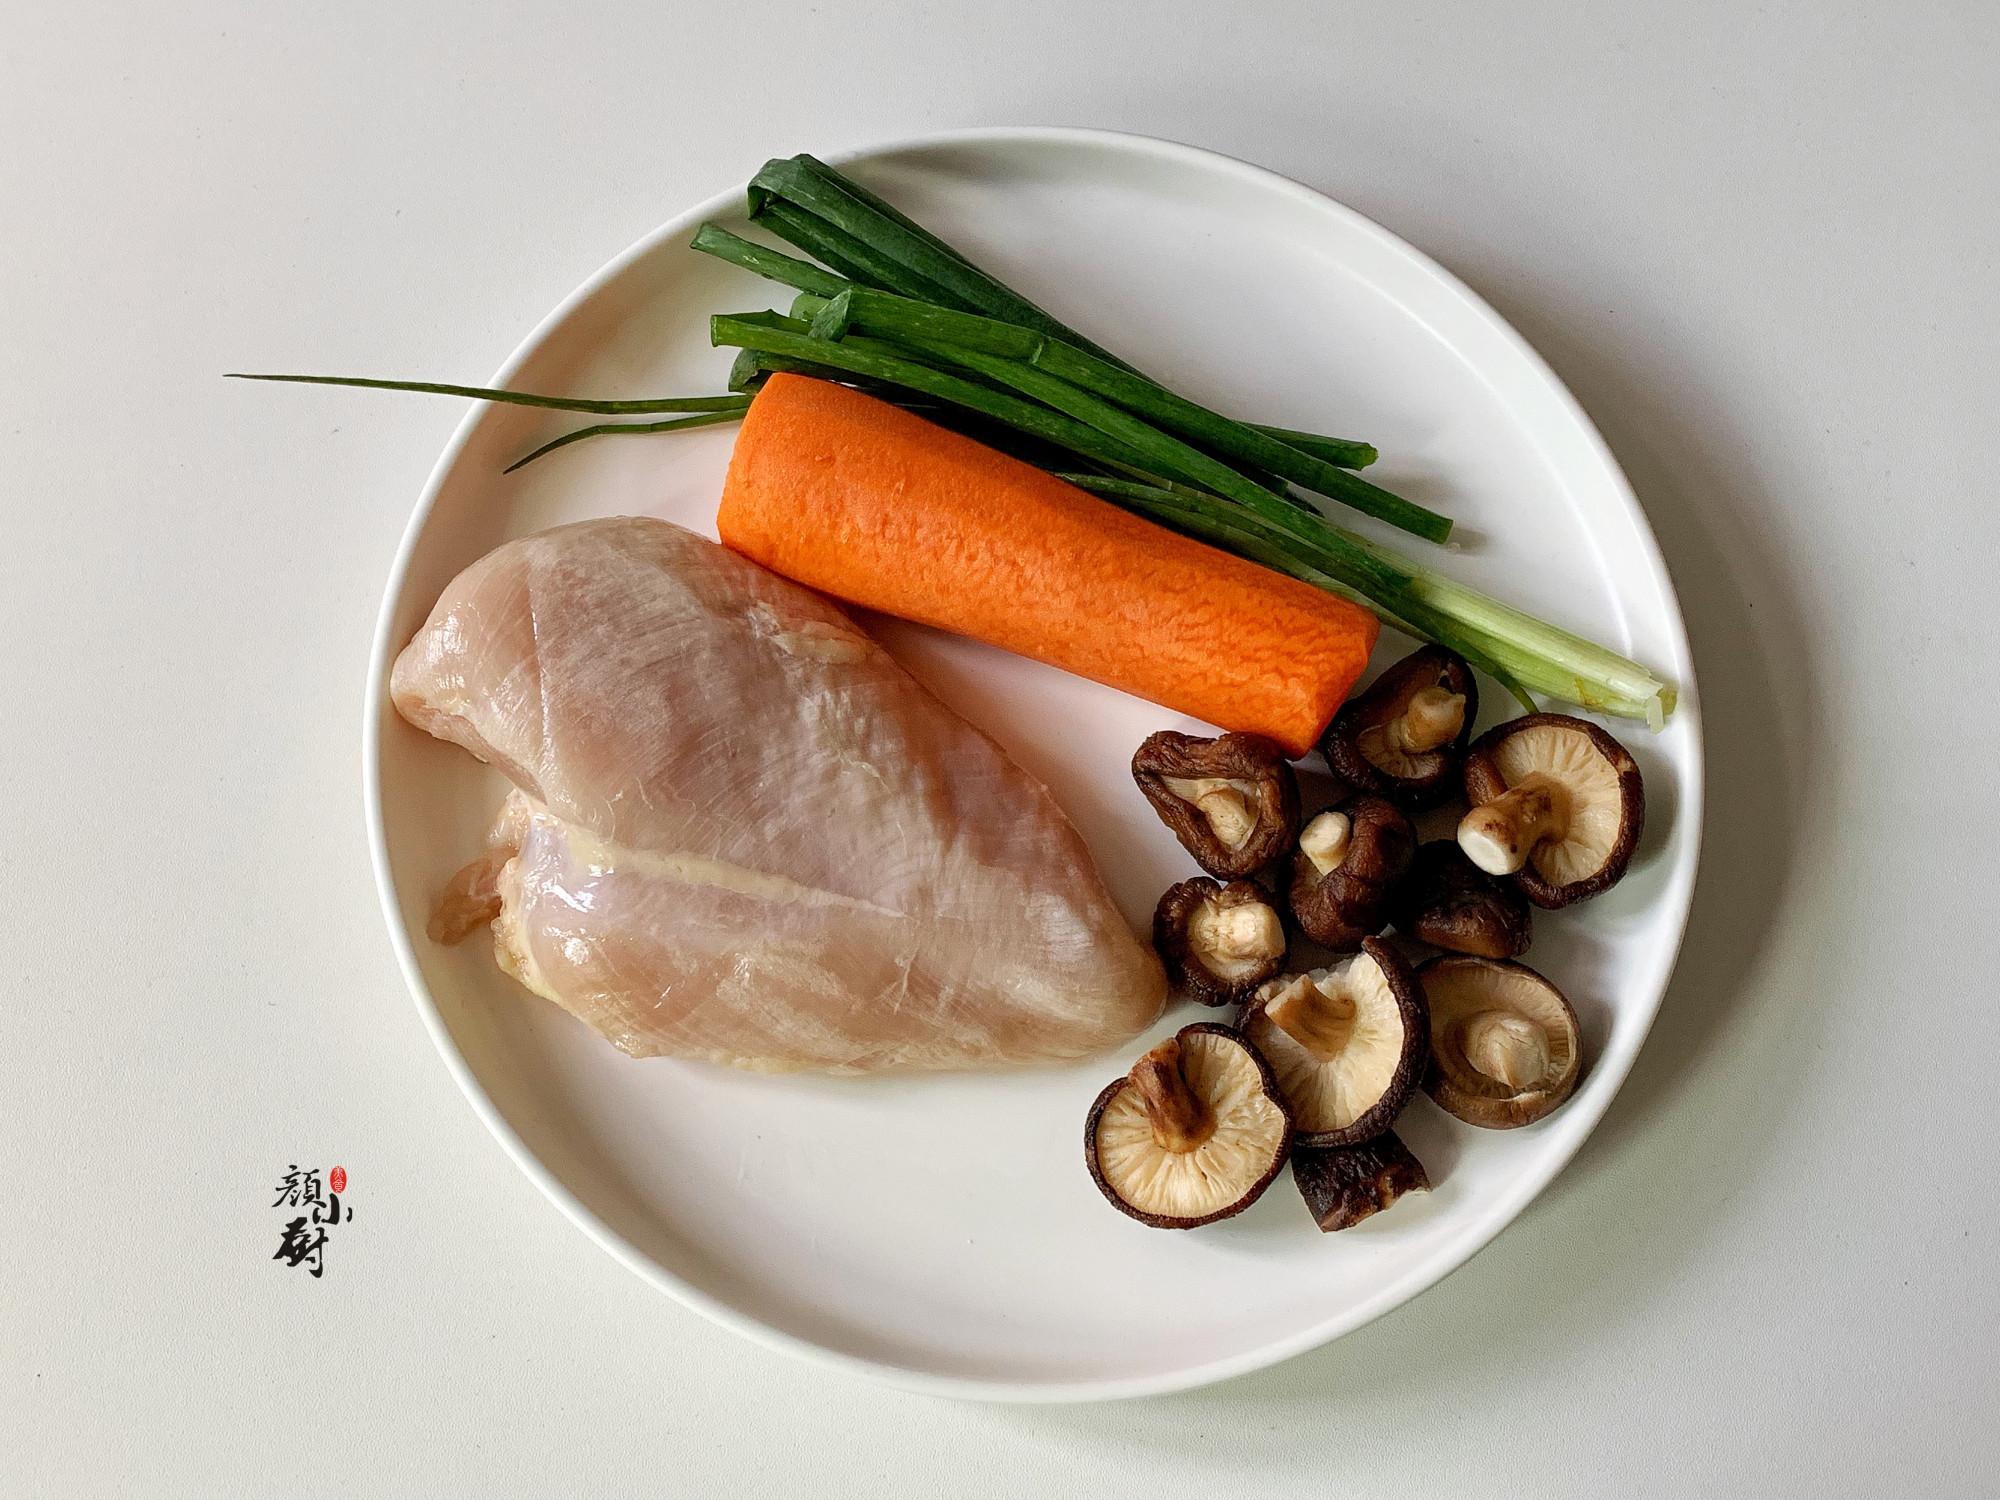 這餛飩賊好吃,做1次吃1週,營養美味又低脂,快收藏